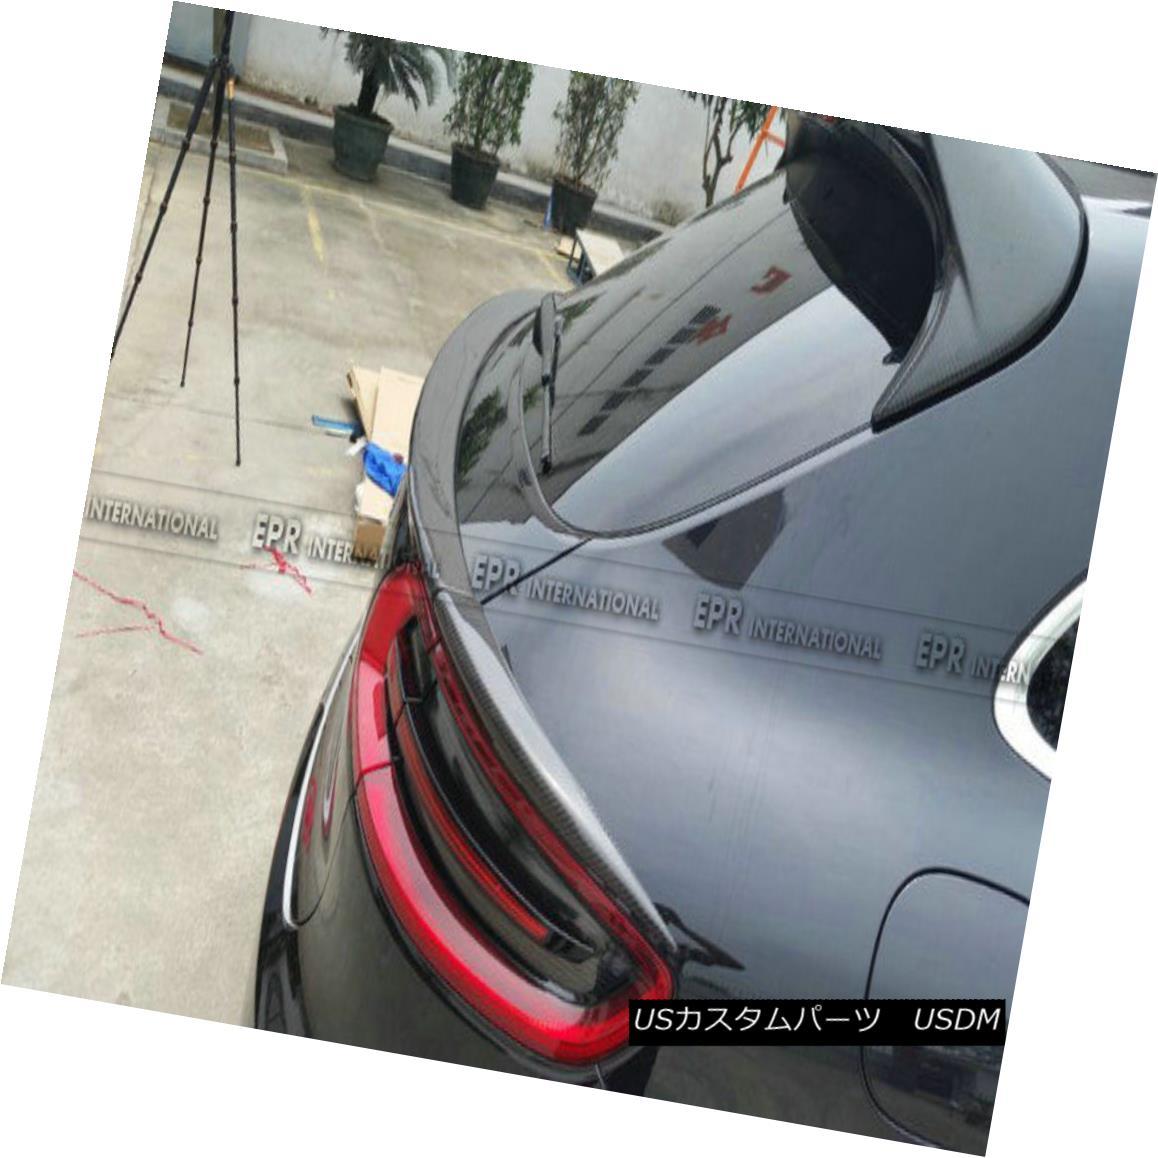 エアロパーツ ABC For Porsche Macan Middle Spoiler Boot Wing Lip Add on 3Pcs Kits Carbon Fiber ABC for Porsche Macanミドル・スポイラー・ブーツ・ウイング・リップ・アドオン・3点セット・カーボンファイバー